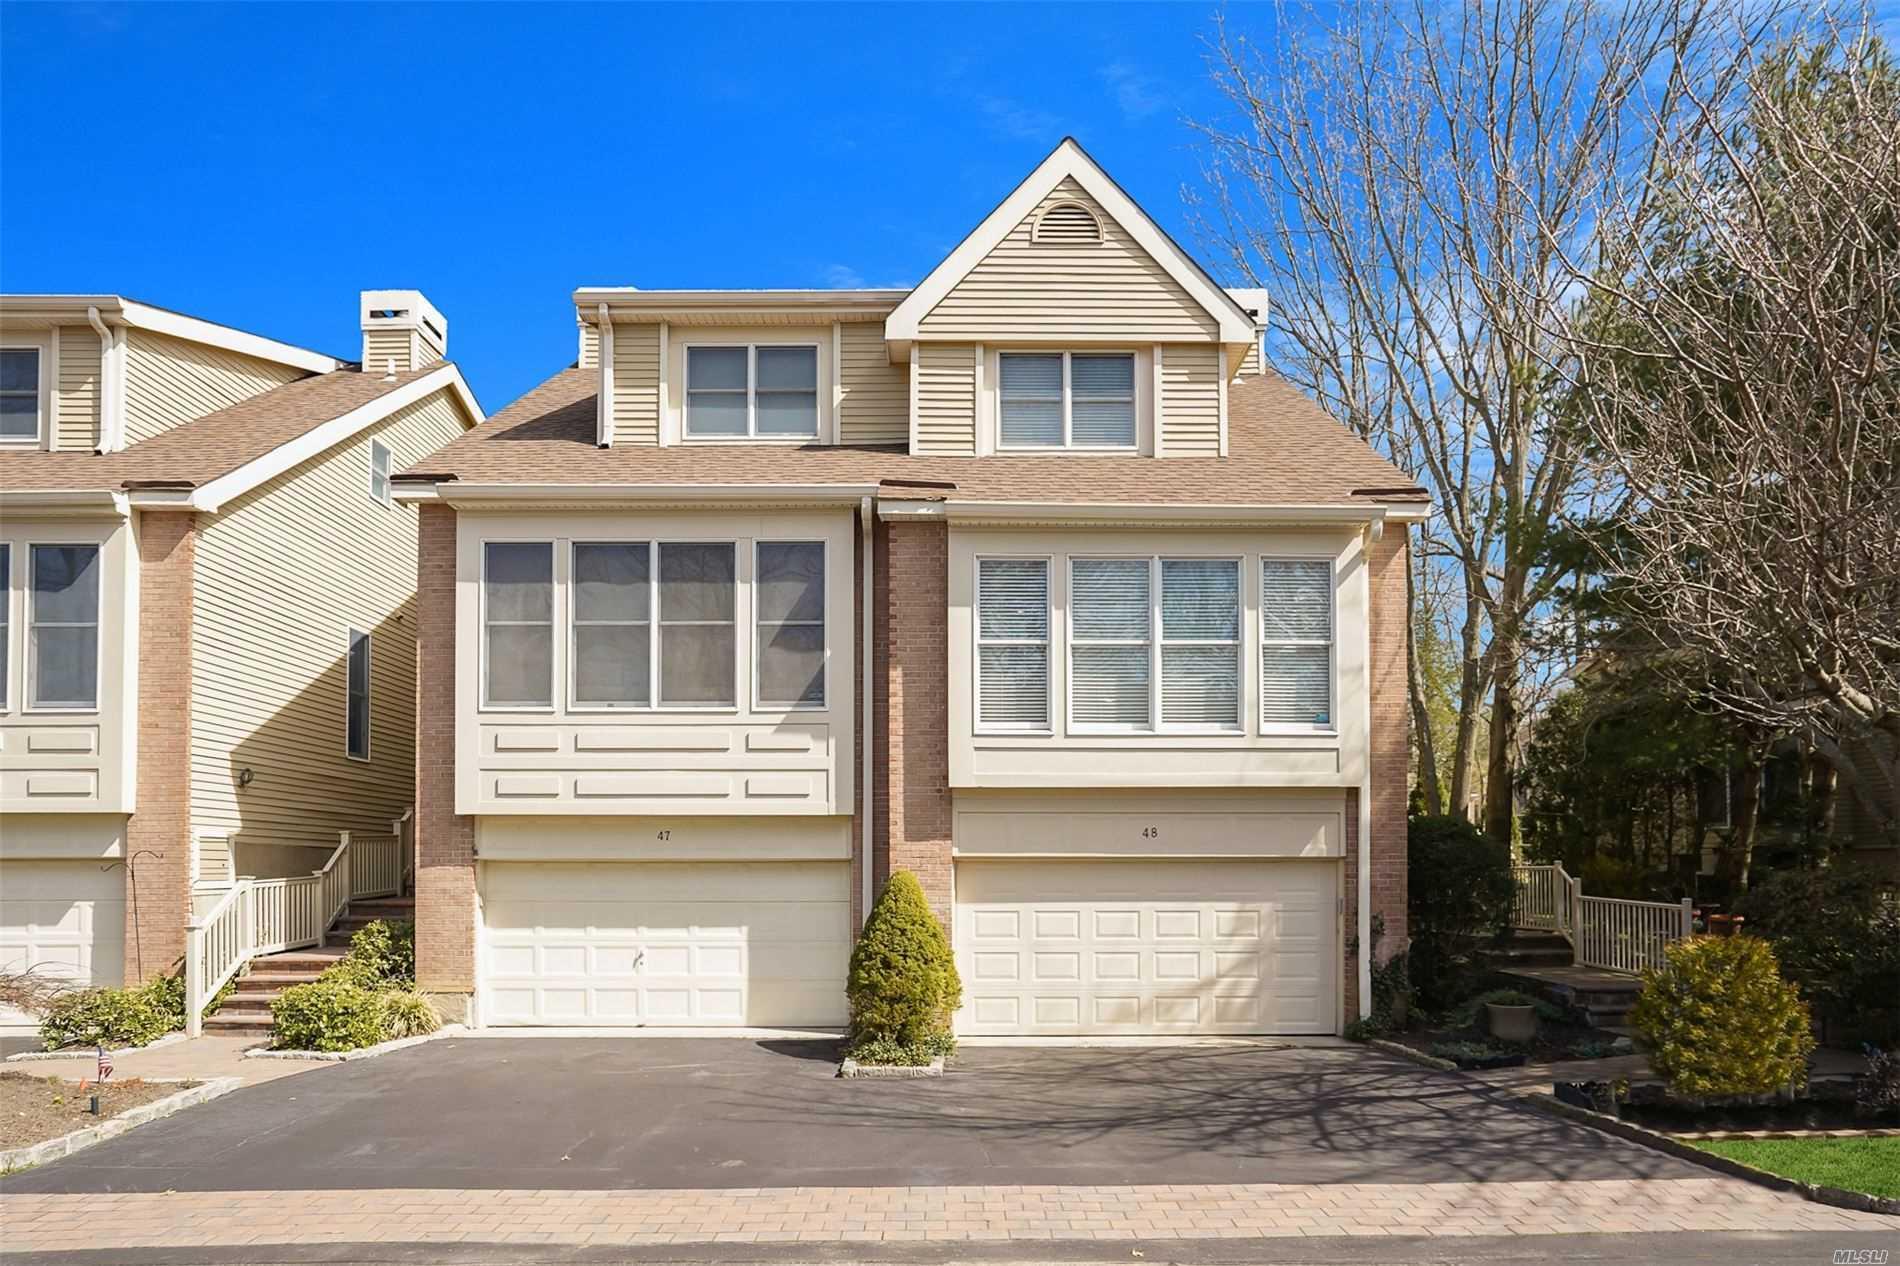 Property for sale at 48 Willow Ridge Drive, Smithtown NY 11787, Smithtown,  New York 11787